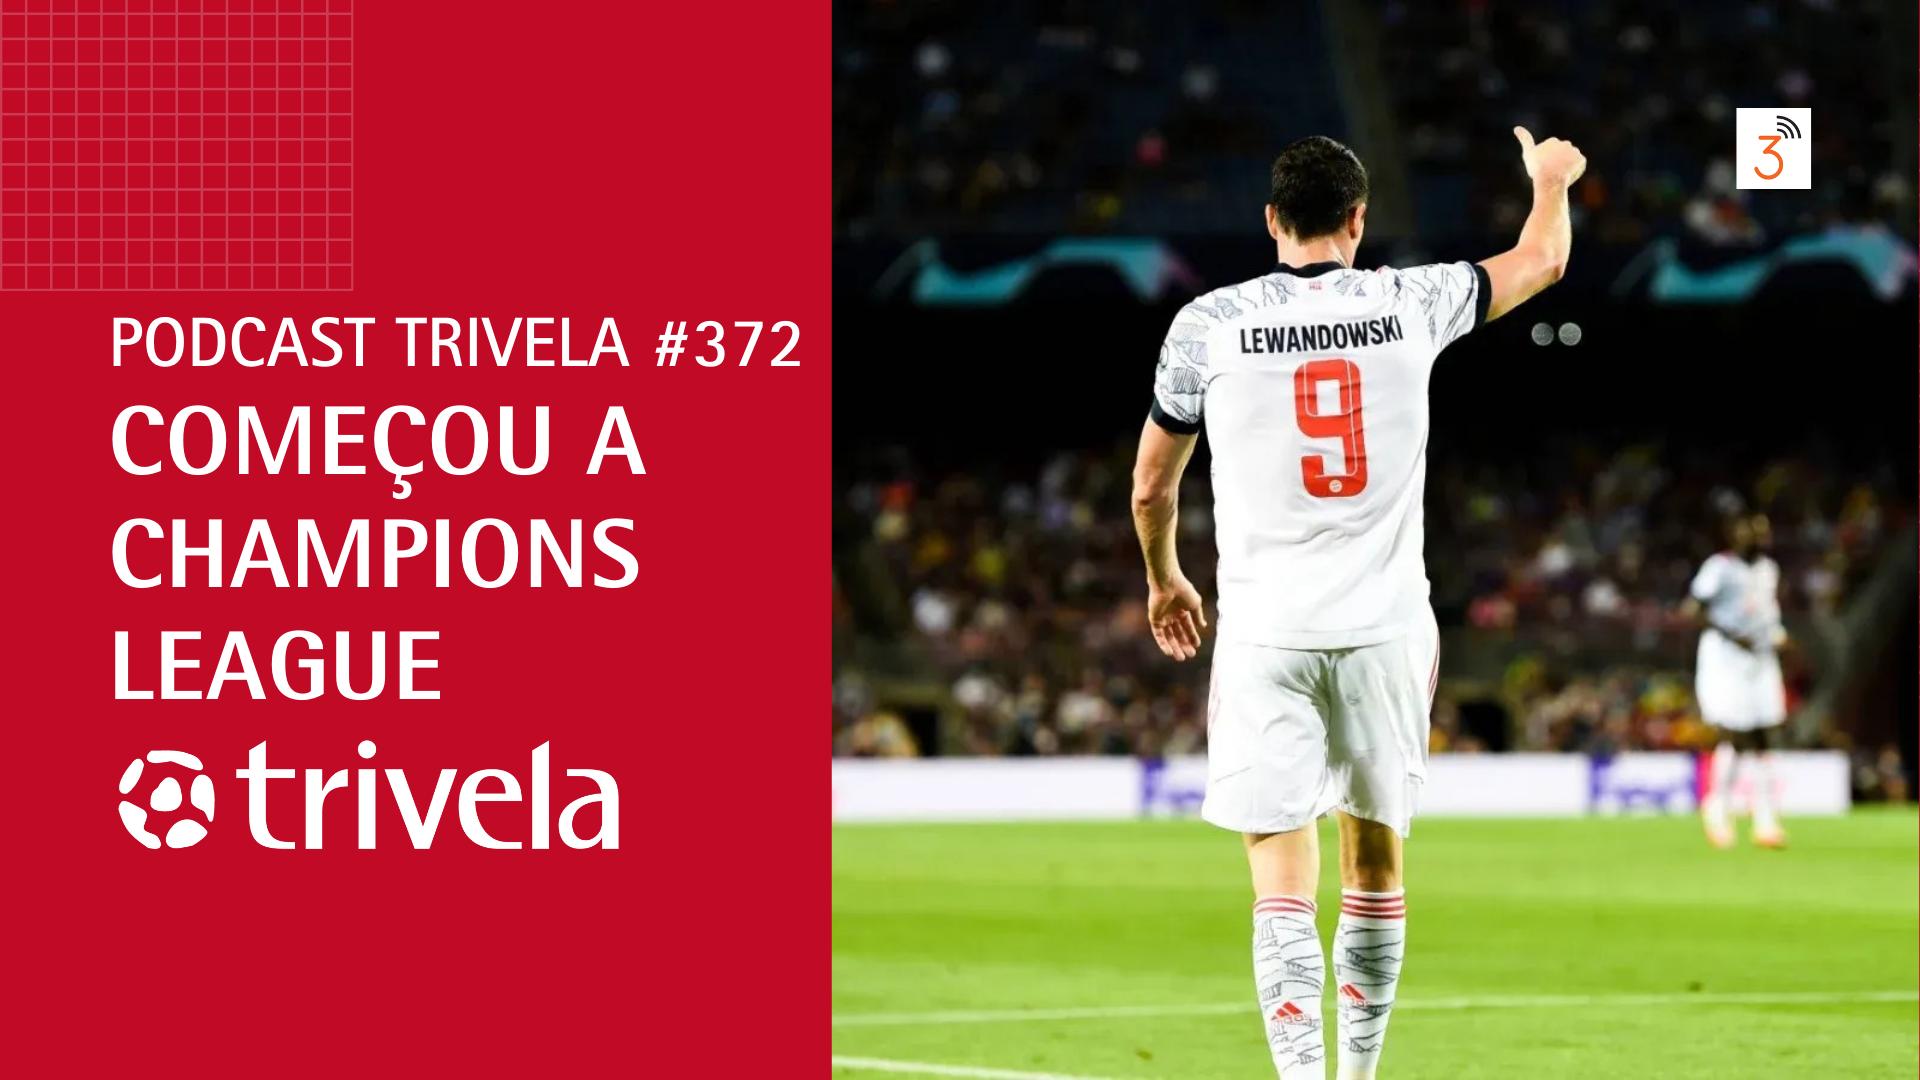 Podcast Trivela #372: Começou a Champions League